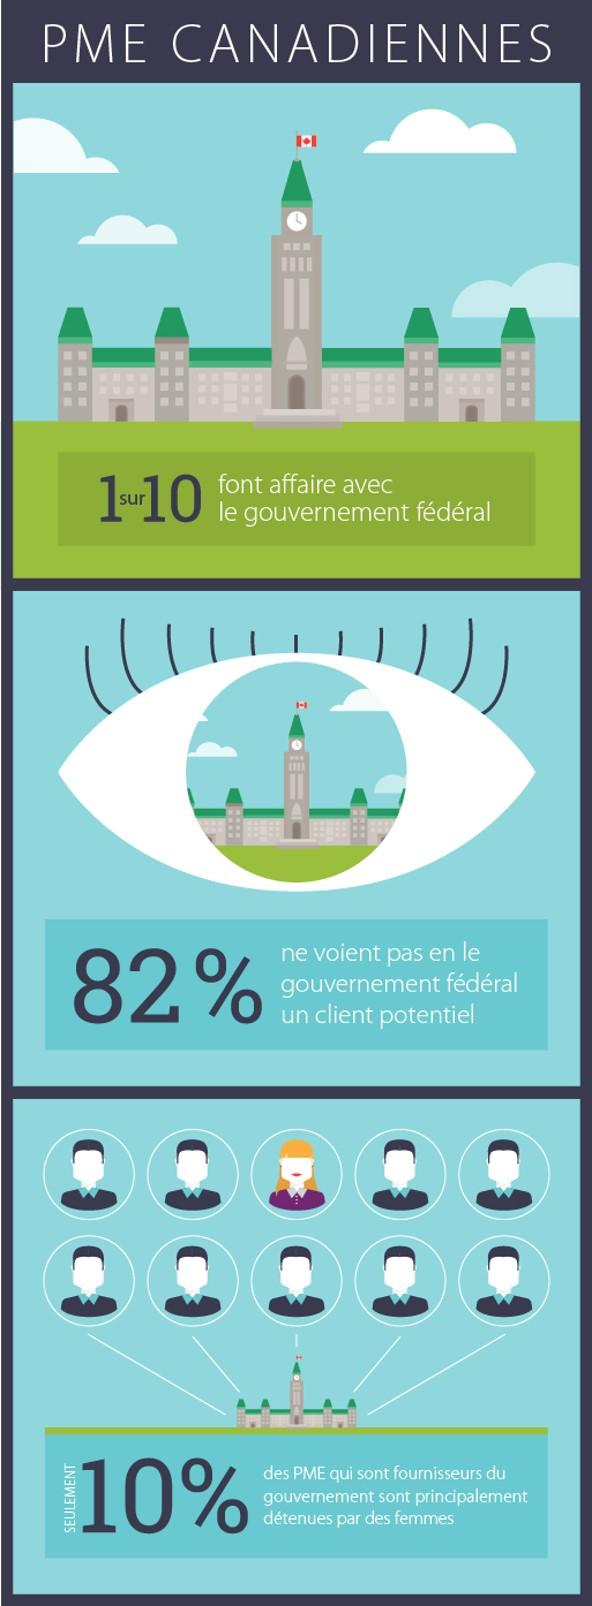 1/10 font affaire avec le gouvernement, 82% ne voient pas le gouvernement comme un client potentiel, 1/10 des fournisseurs du gouvernement appartiennent en majorité à des femmes